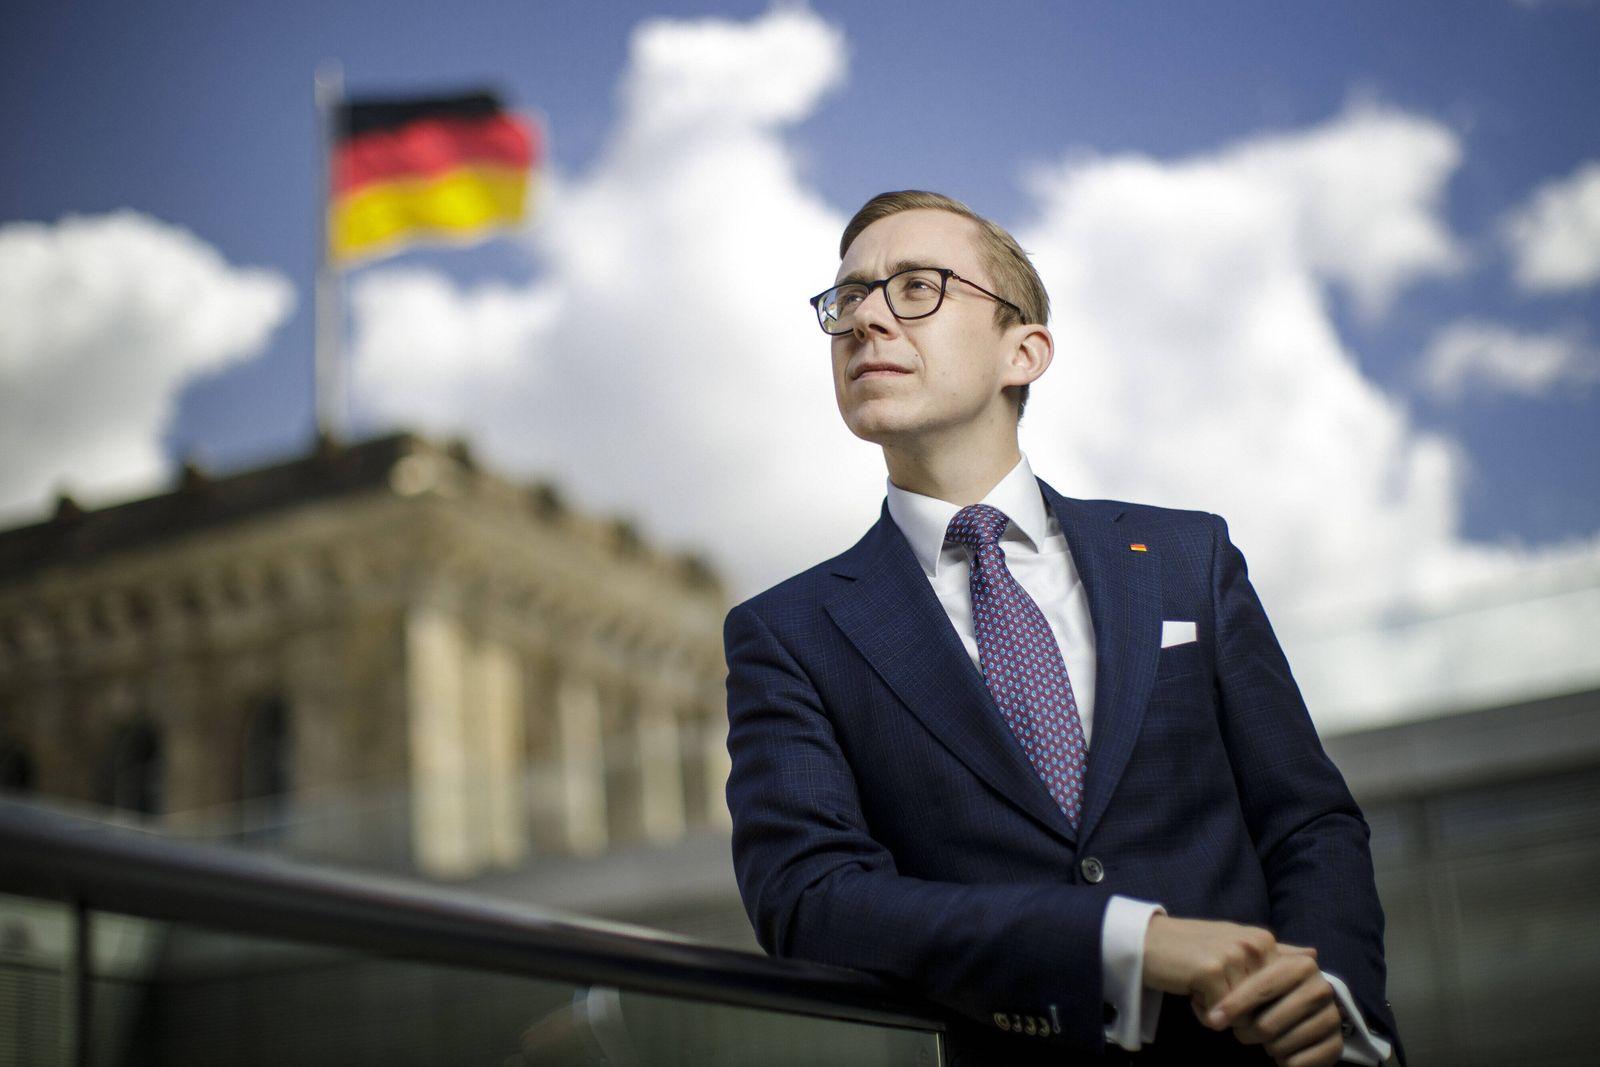 Philipp Amthor, Mitglied des Deutschen Bundestages, CDU, posiert fuer ein Foto. Berlin, 28.05.2020. Berlin Deutschland *